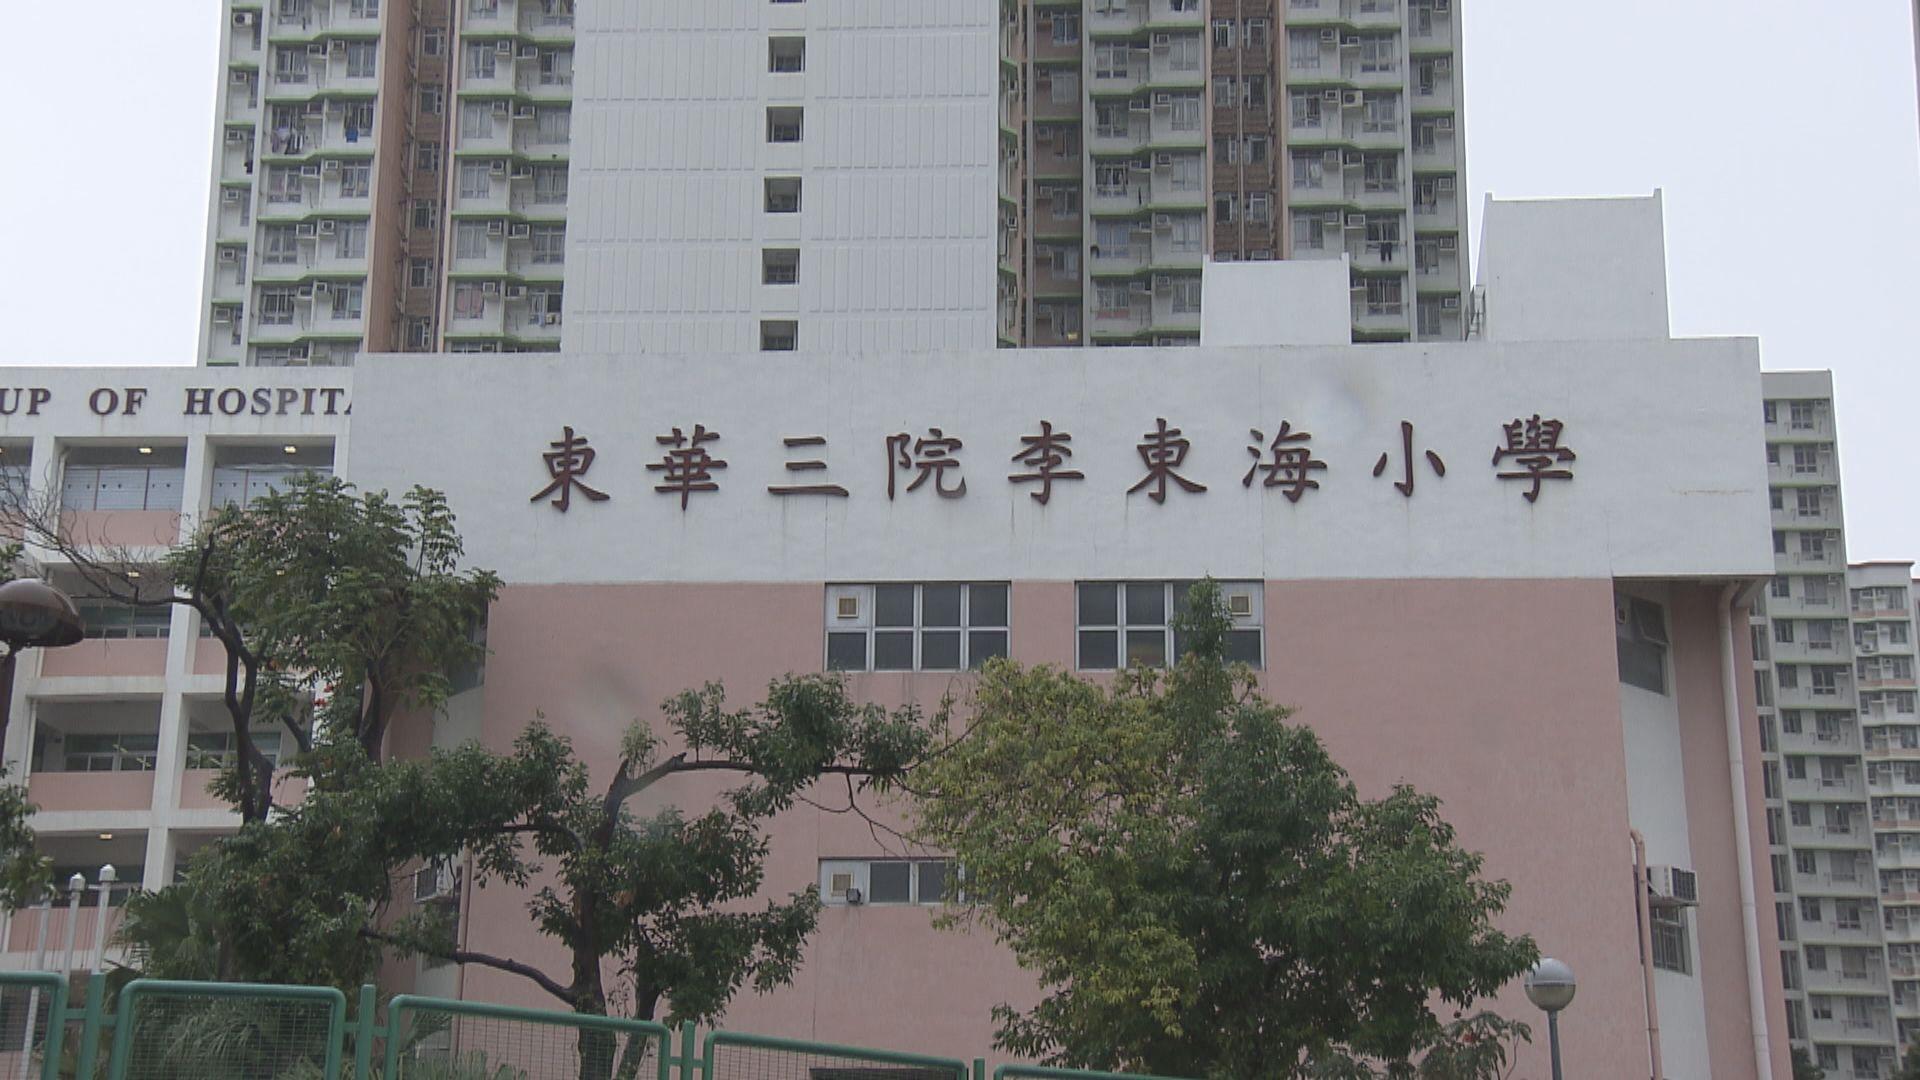 李東海小學校董會下周四審教師墮樓調查報告